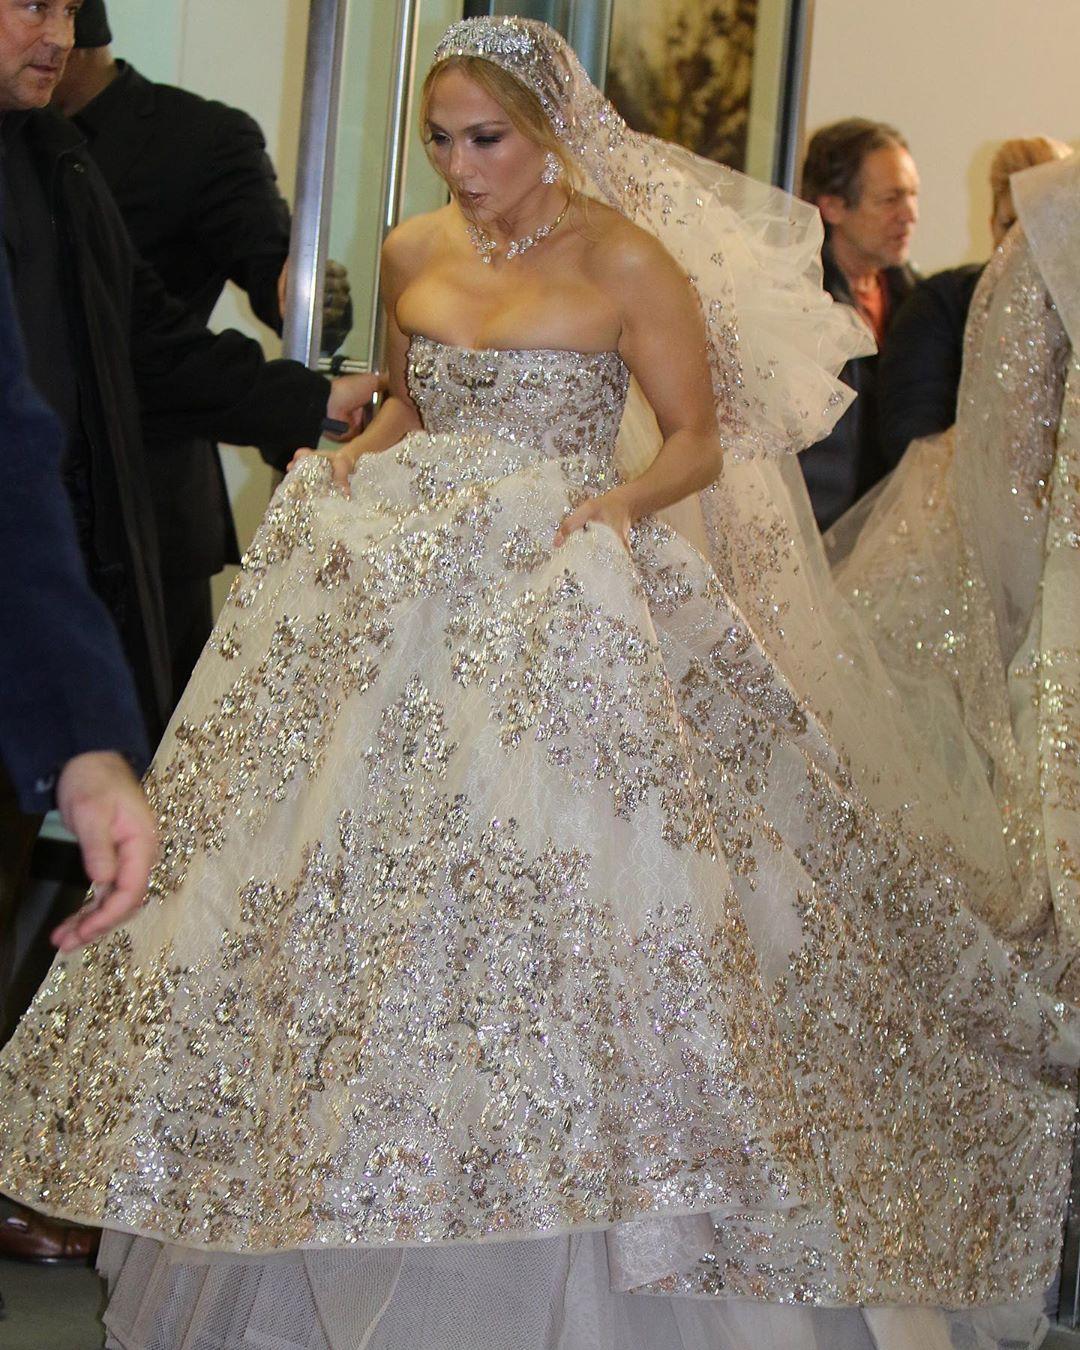 и платье, и меховая накидка, и крупные украшения скопированы с образа куклы Барби